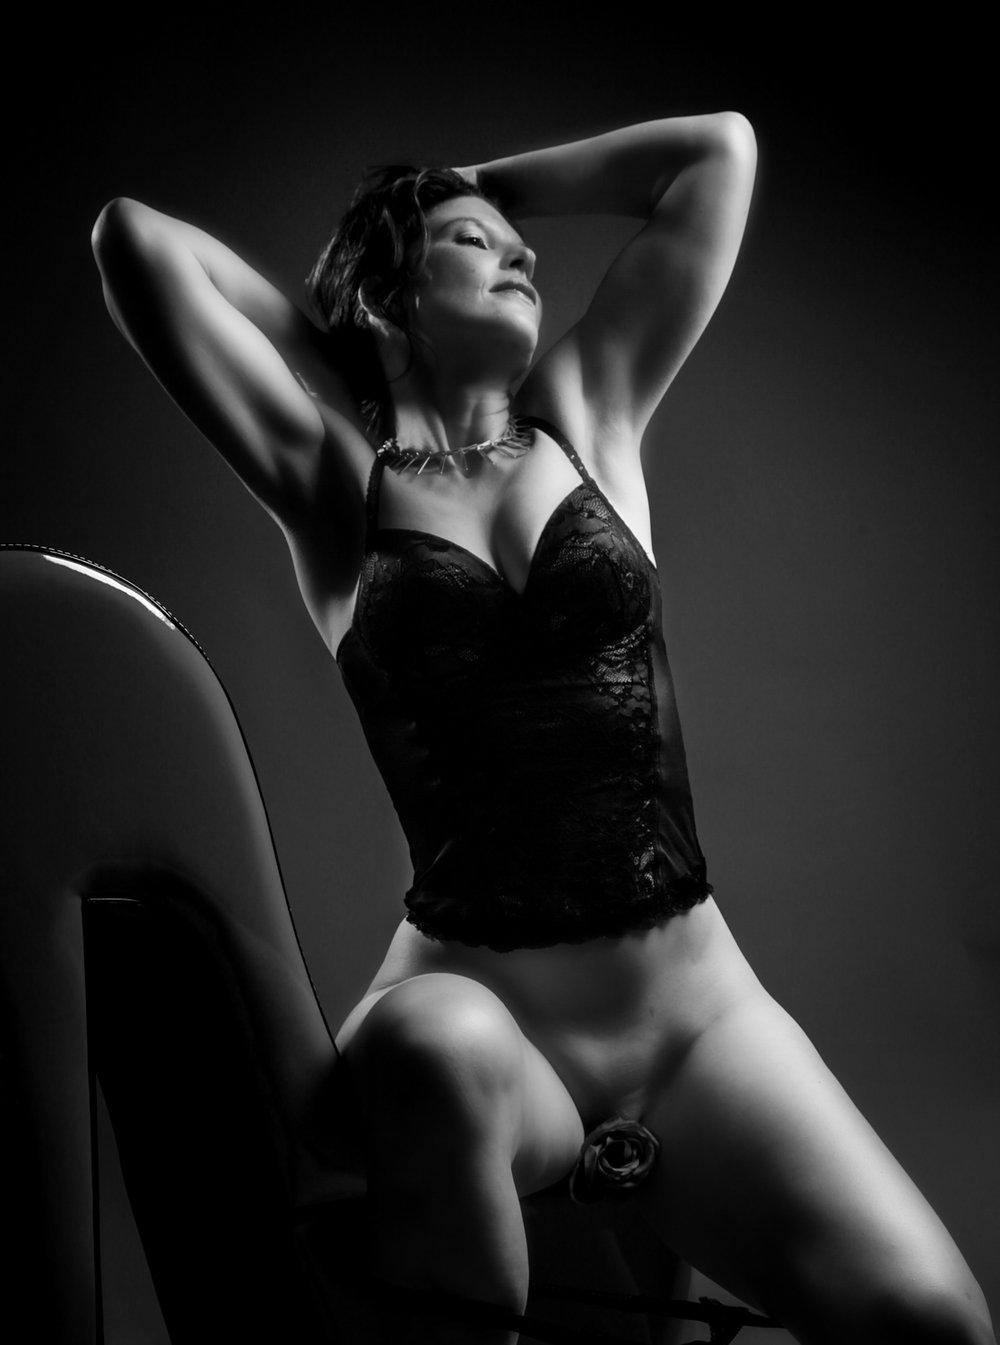 Smartfocus-glamour-naakt-en-erotische-fotografie-Zeist-18.jpg